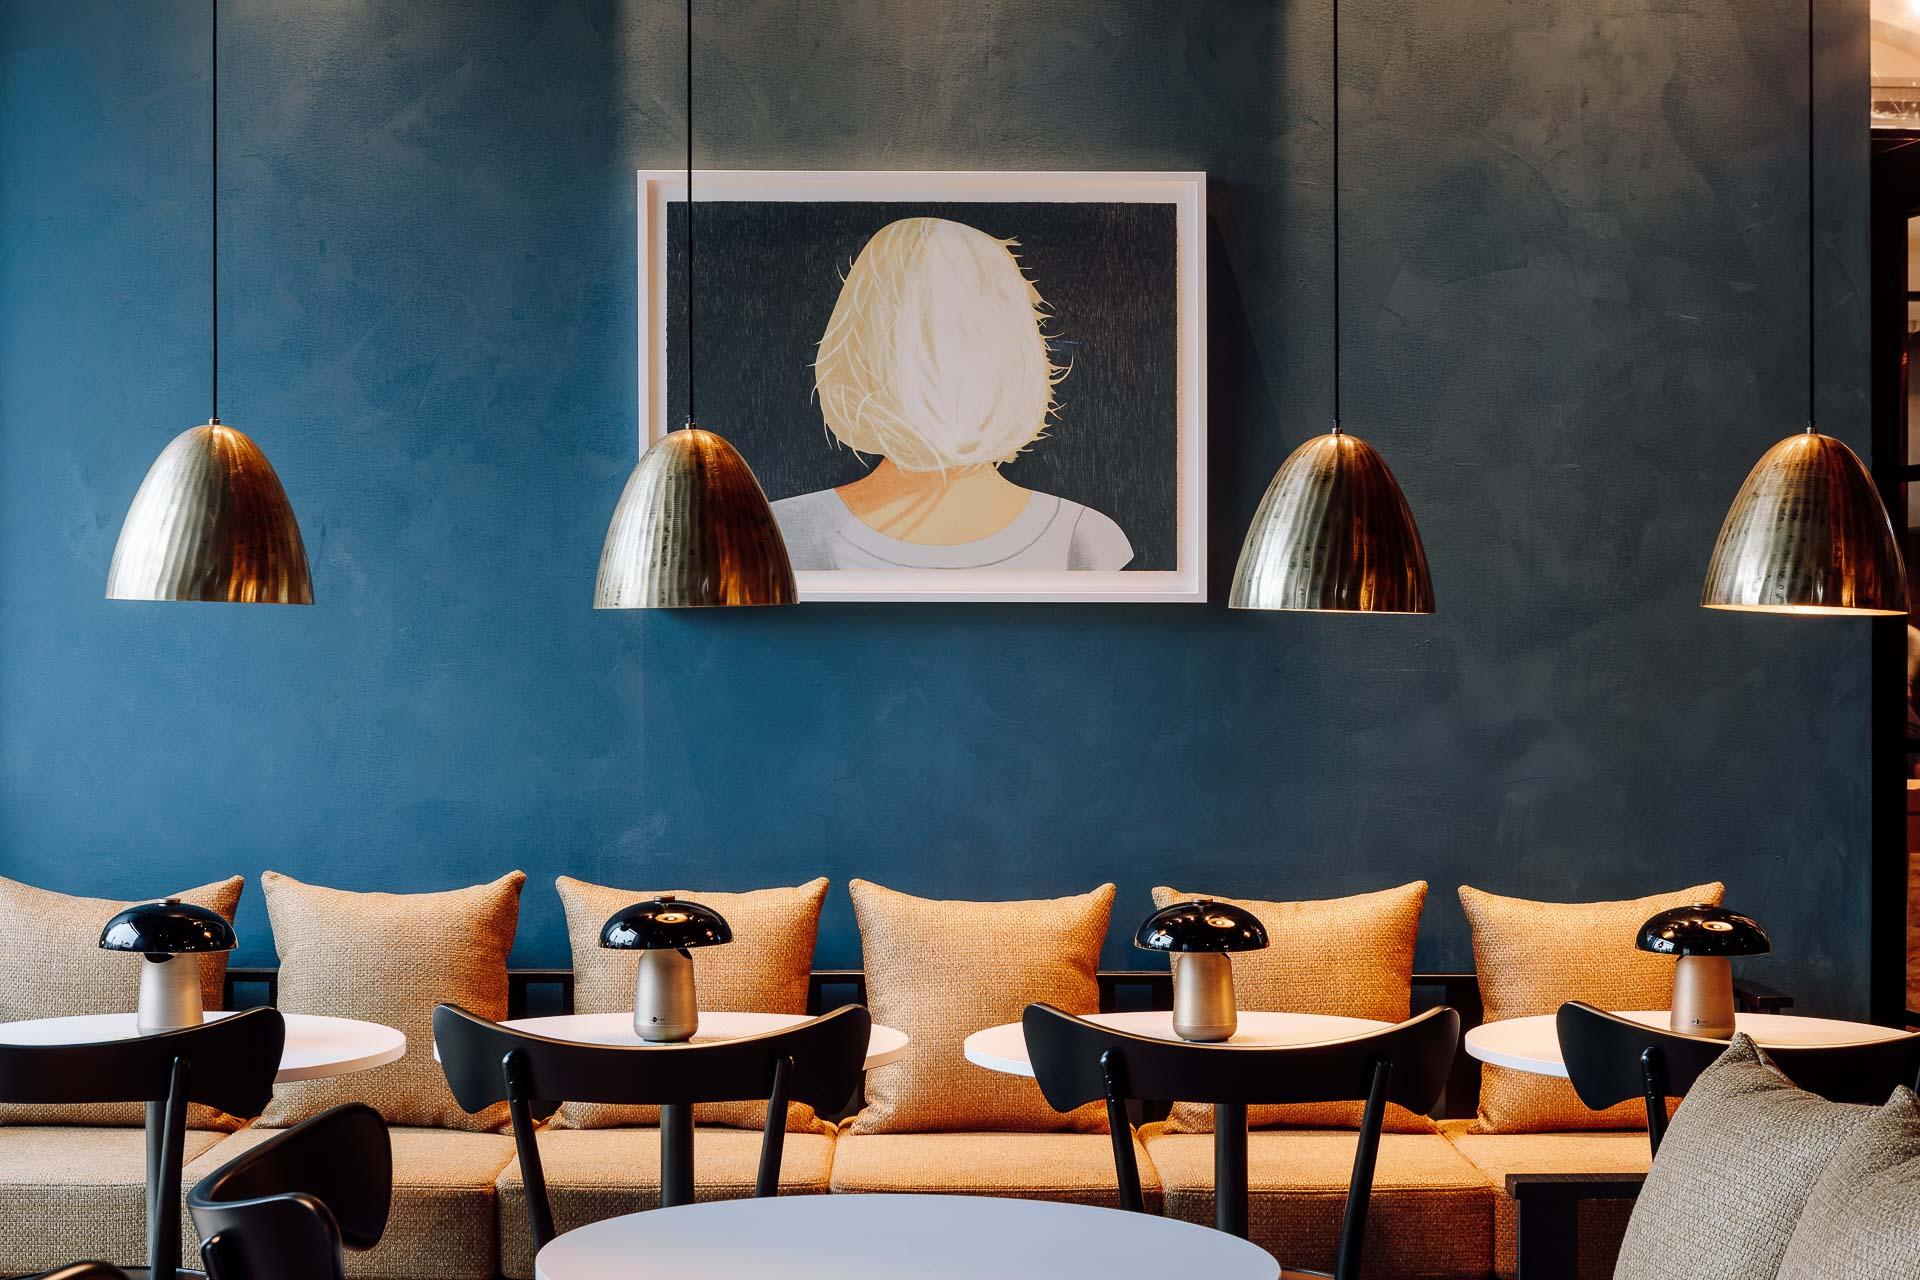 Il y a quelques semaines, l'Amerikalinjen ouvrait ses portes à Oslo, promettant de chambouler la scène hôtelière de la capitale norvégienne. Dans un bâtiment historique à deux pas de l'Opéra, ce grand boutique-hôtel (122 clés) au luxe sophistiqué s'impose de fait comme l'une des adresses les plus tendances de la ville. La visite en images.